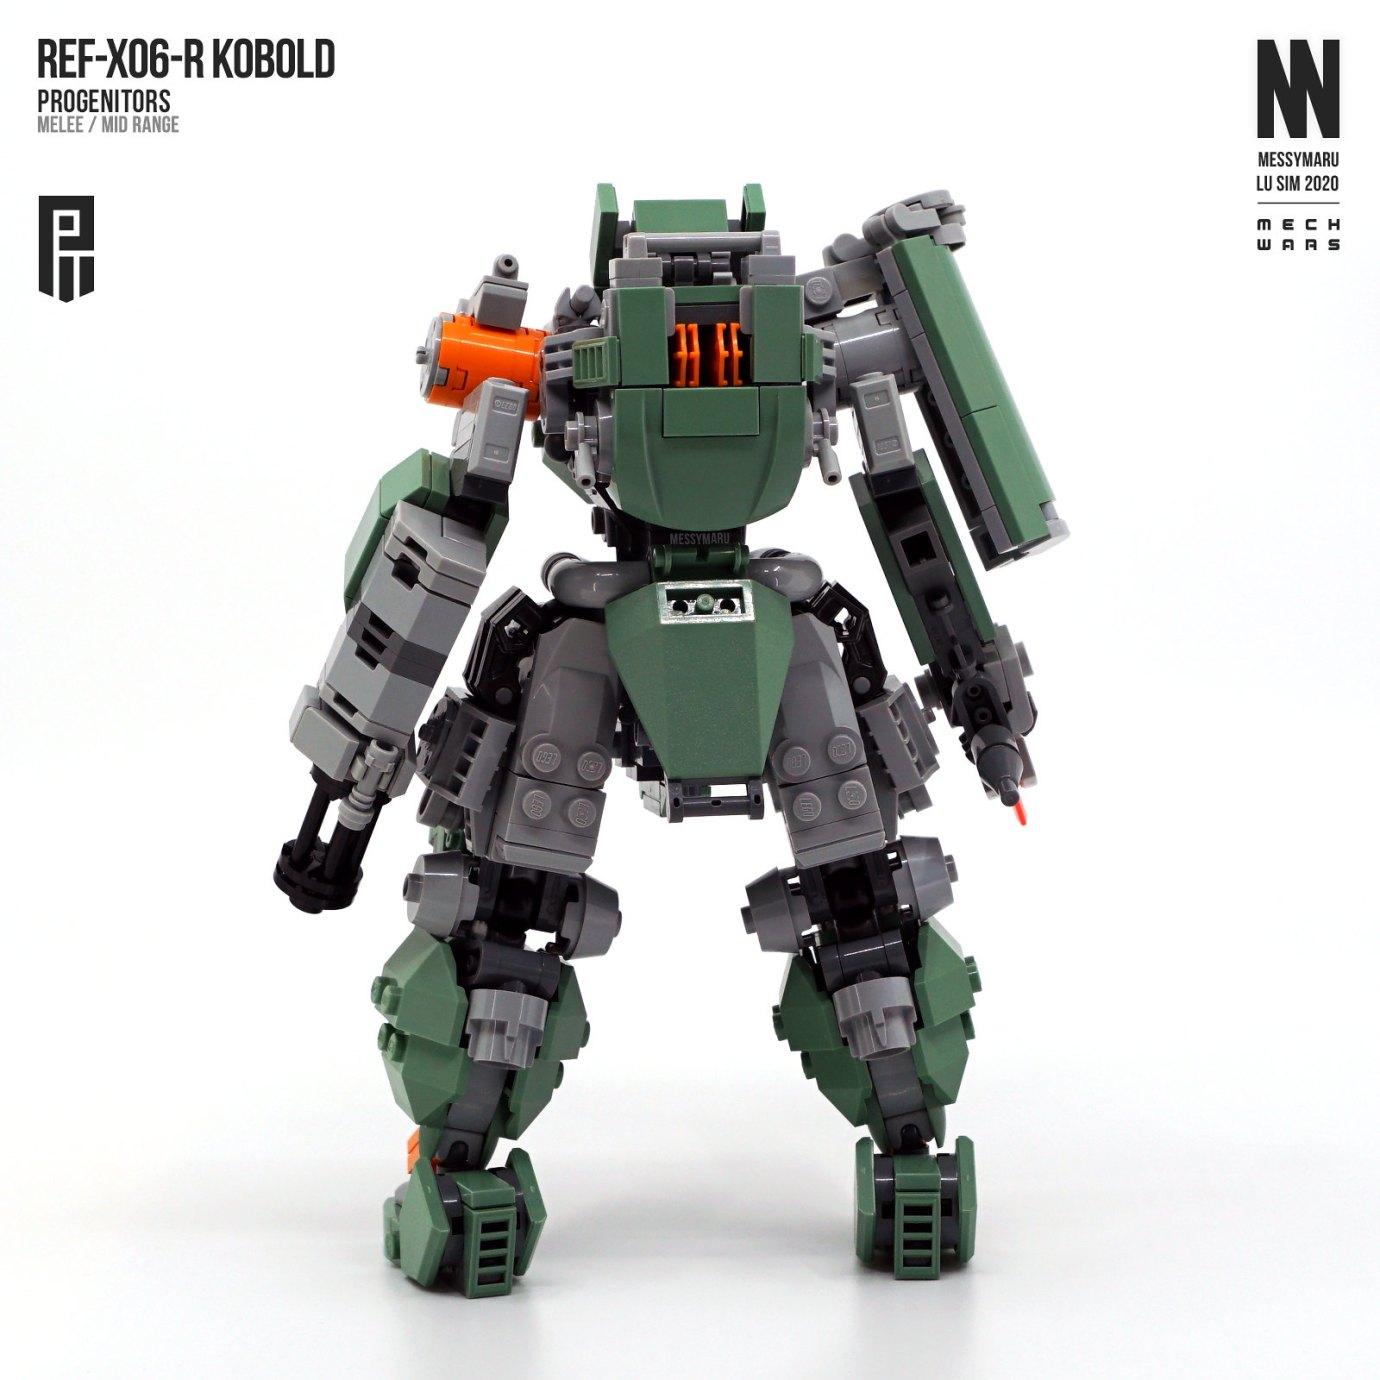 reF-X06-R Kobold